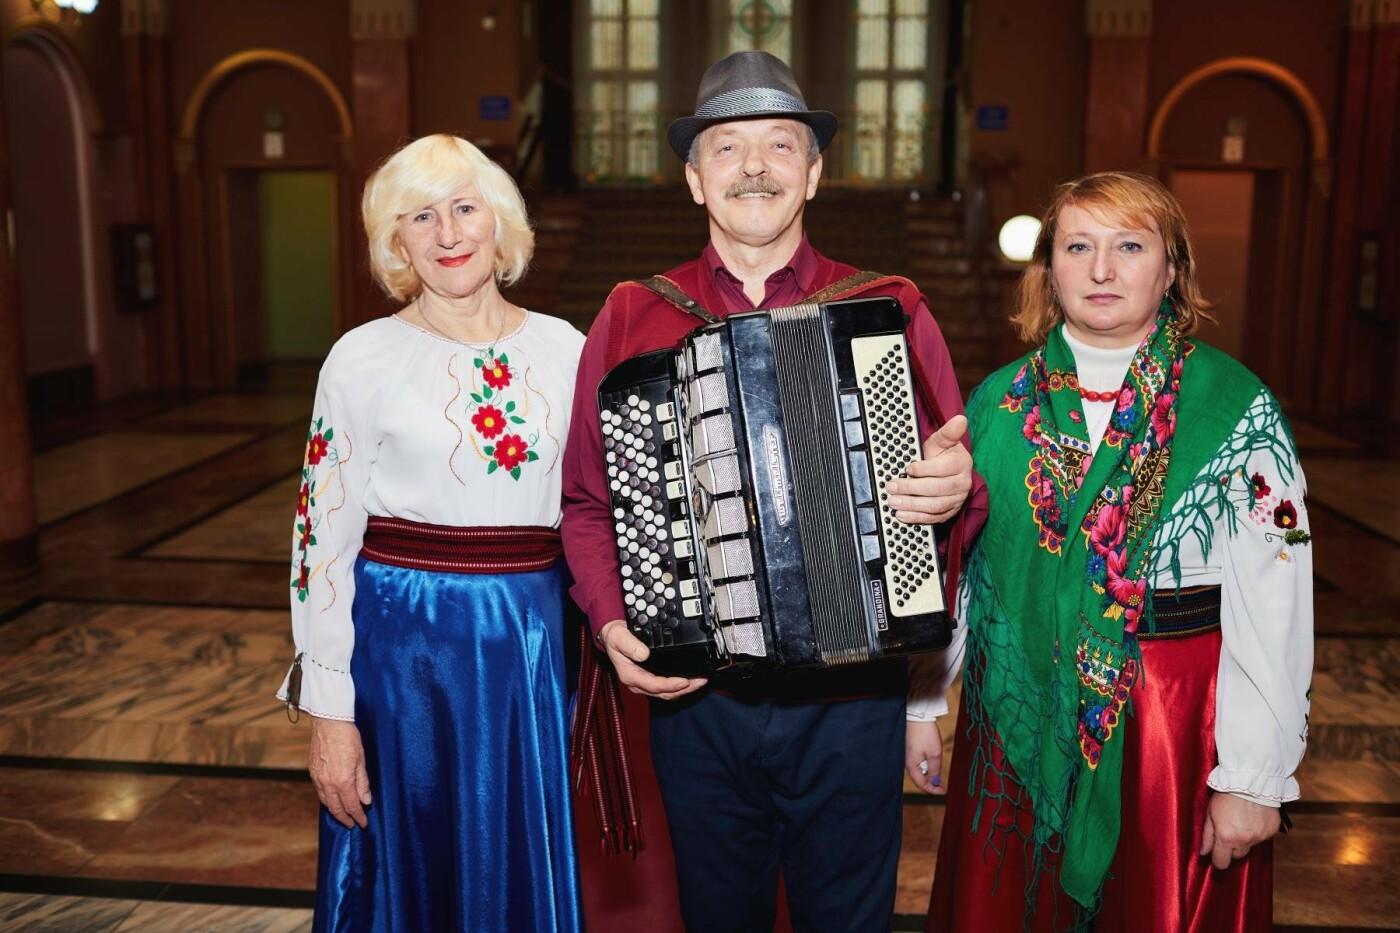 «Різдво по-ужгородськи», або як колядують в обласному центрі Закарпаття (ФОТО, ВІДЕО), фото-2